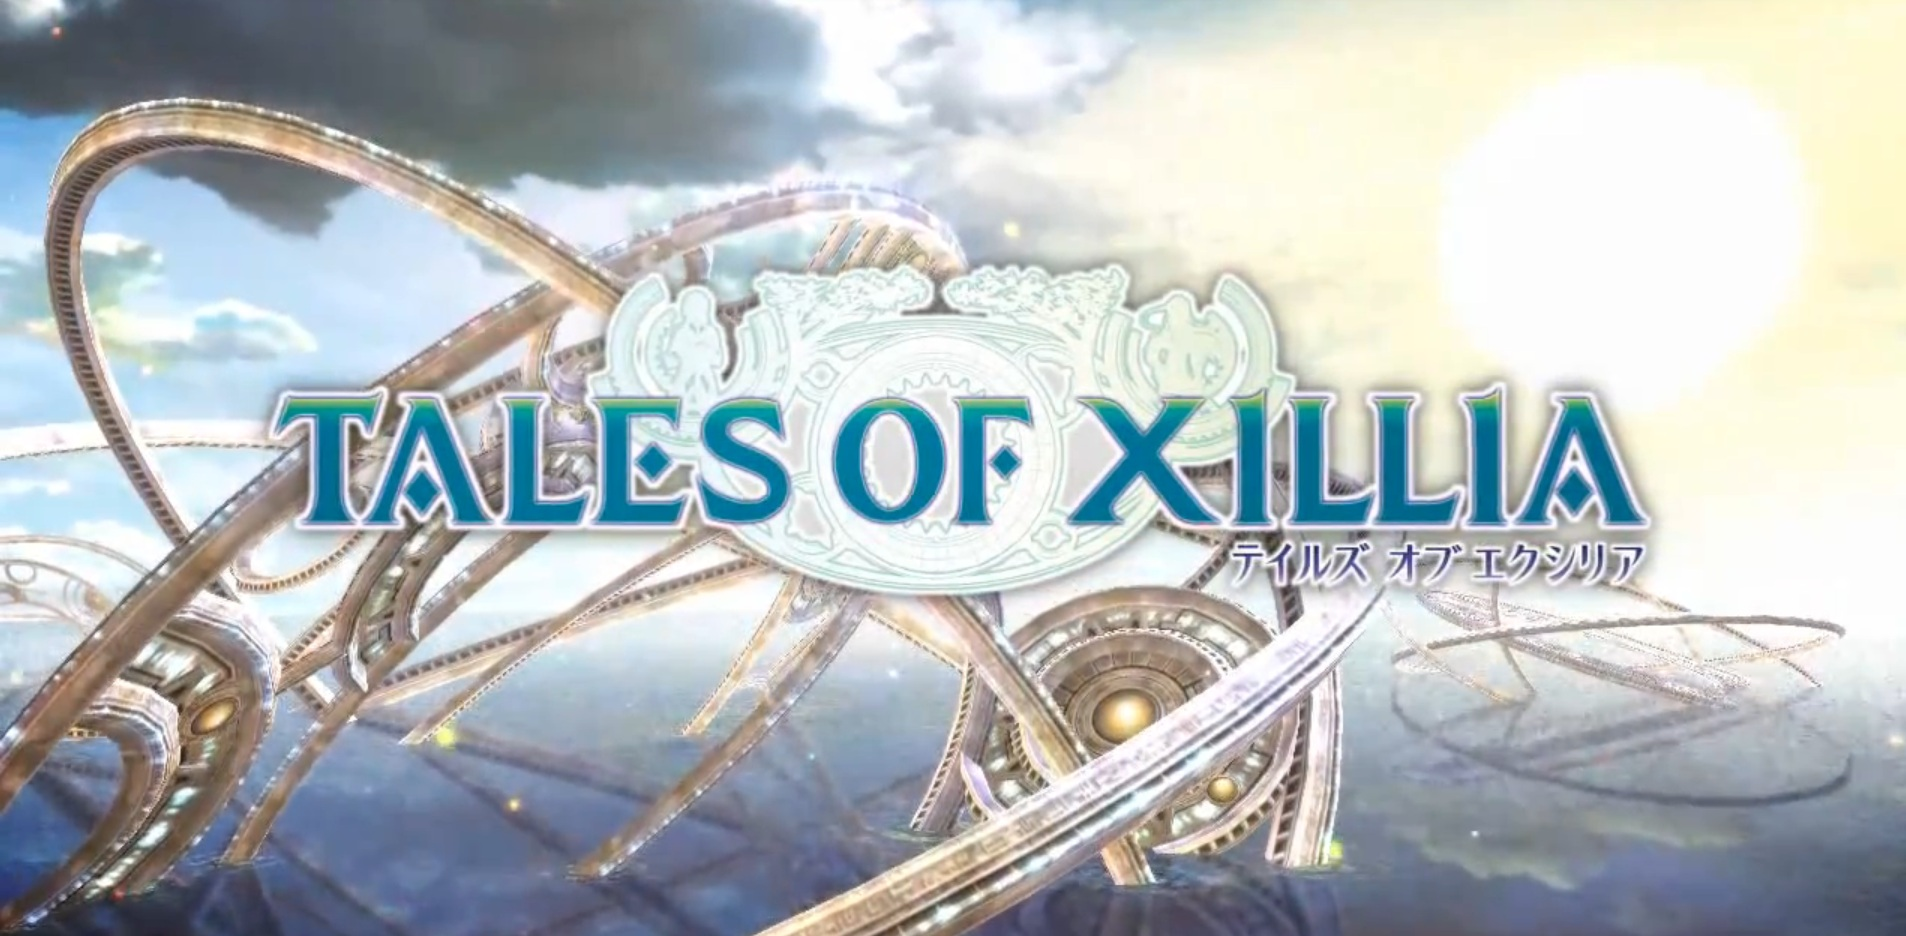 [정보] 테일즈 오브 엑시리아 (Tales of Xillia)